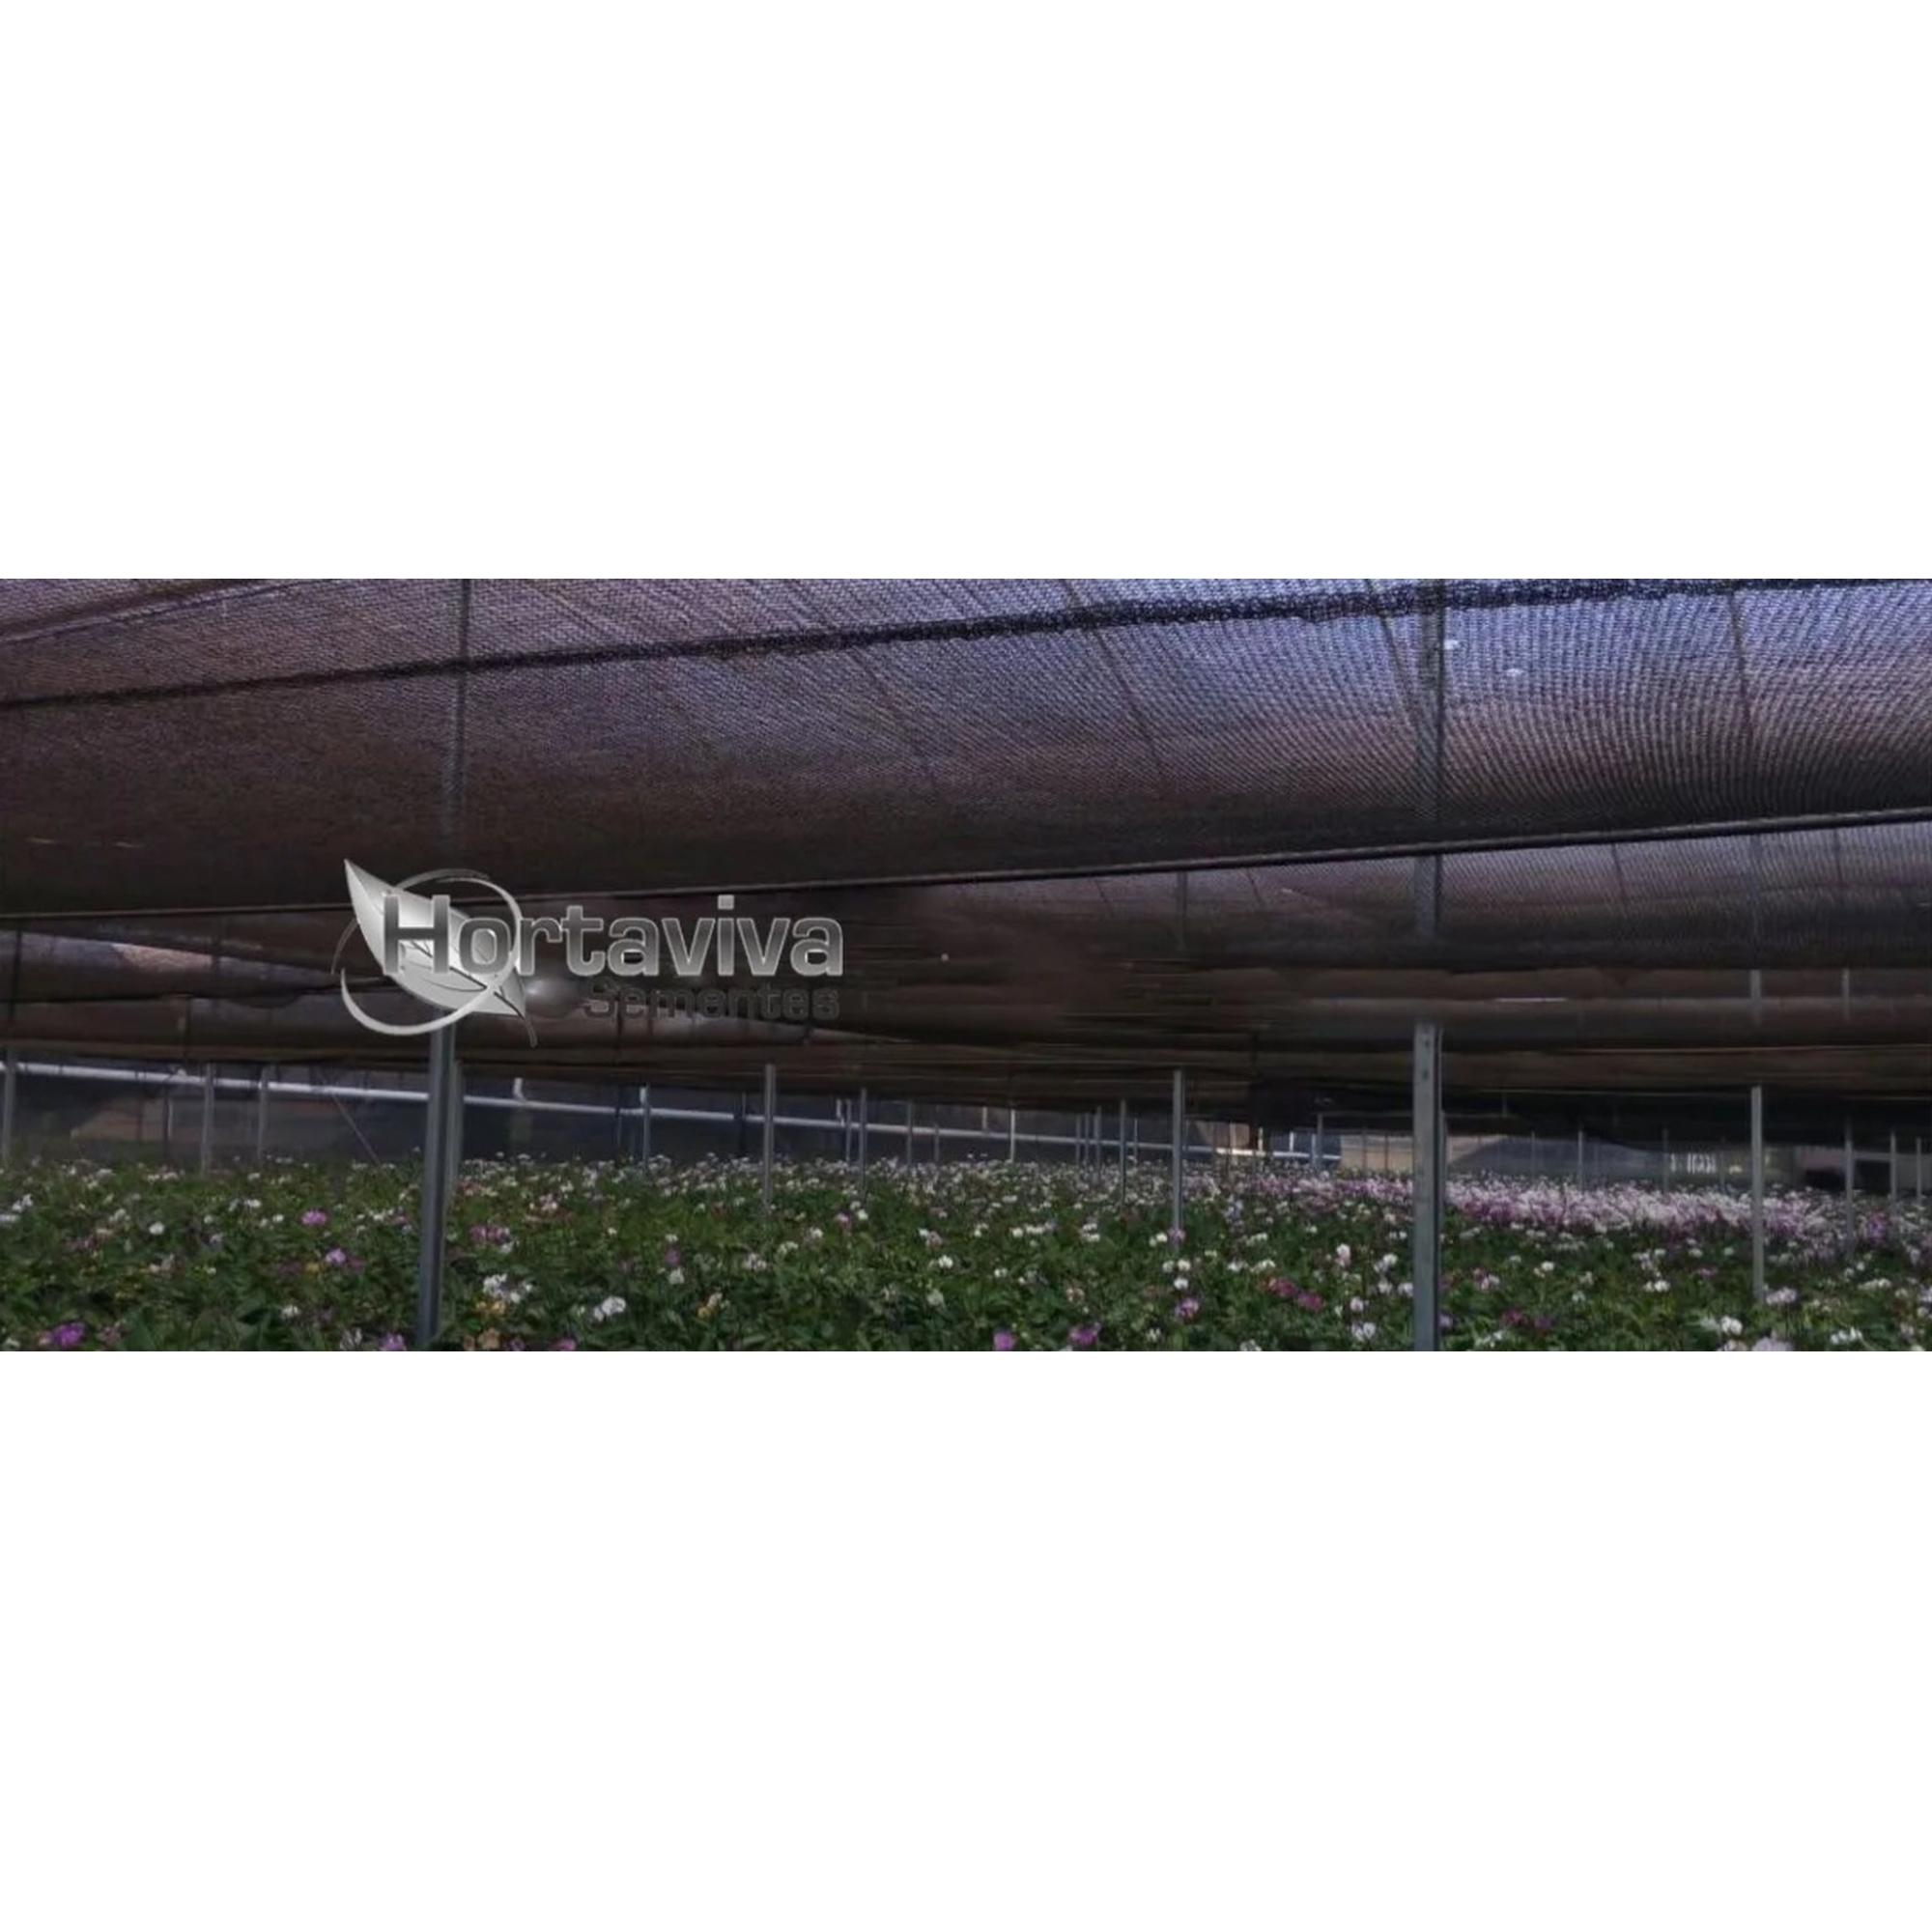 Tela de Sombreamento Preta 50% - 2 Metros x 10 Metros